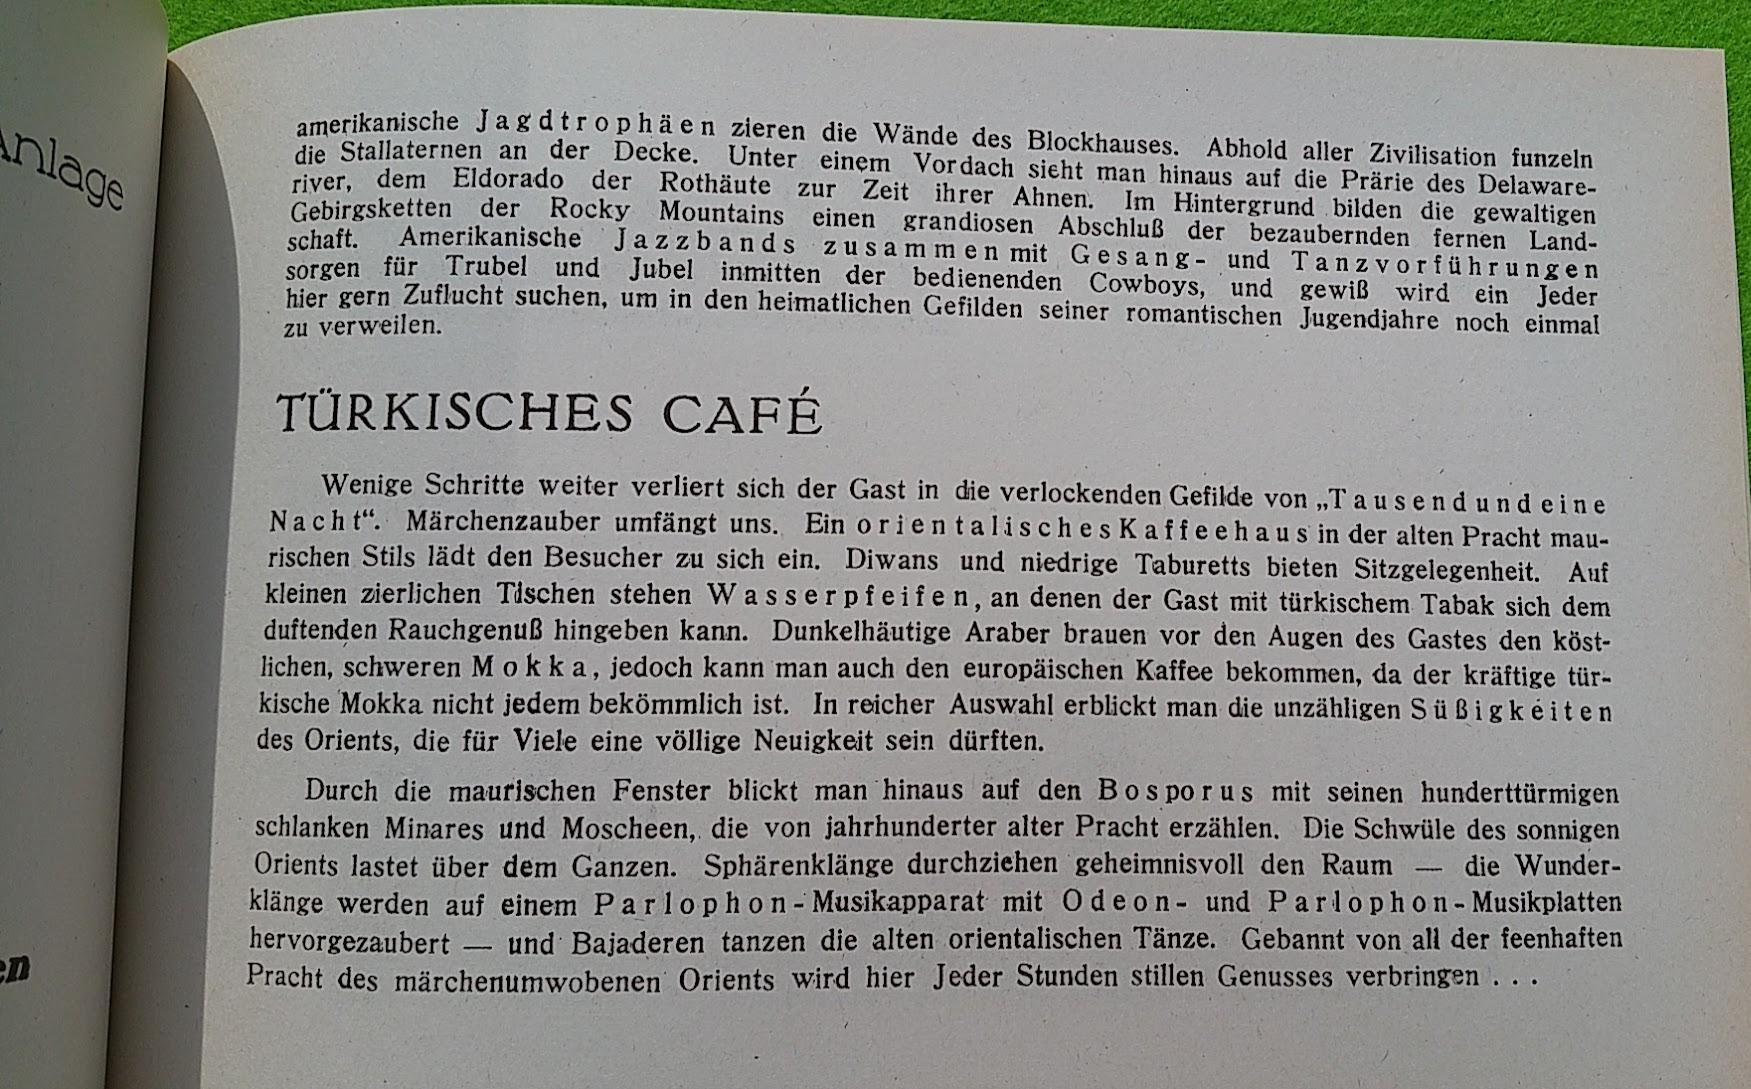 Begleitheft zur Eröffnung von Haus Vaterland am Potsdamer Platz, Berlin, 31. August 1928 - Türkisches Café